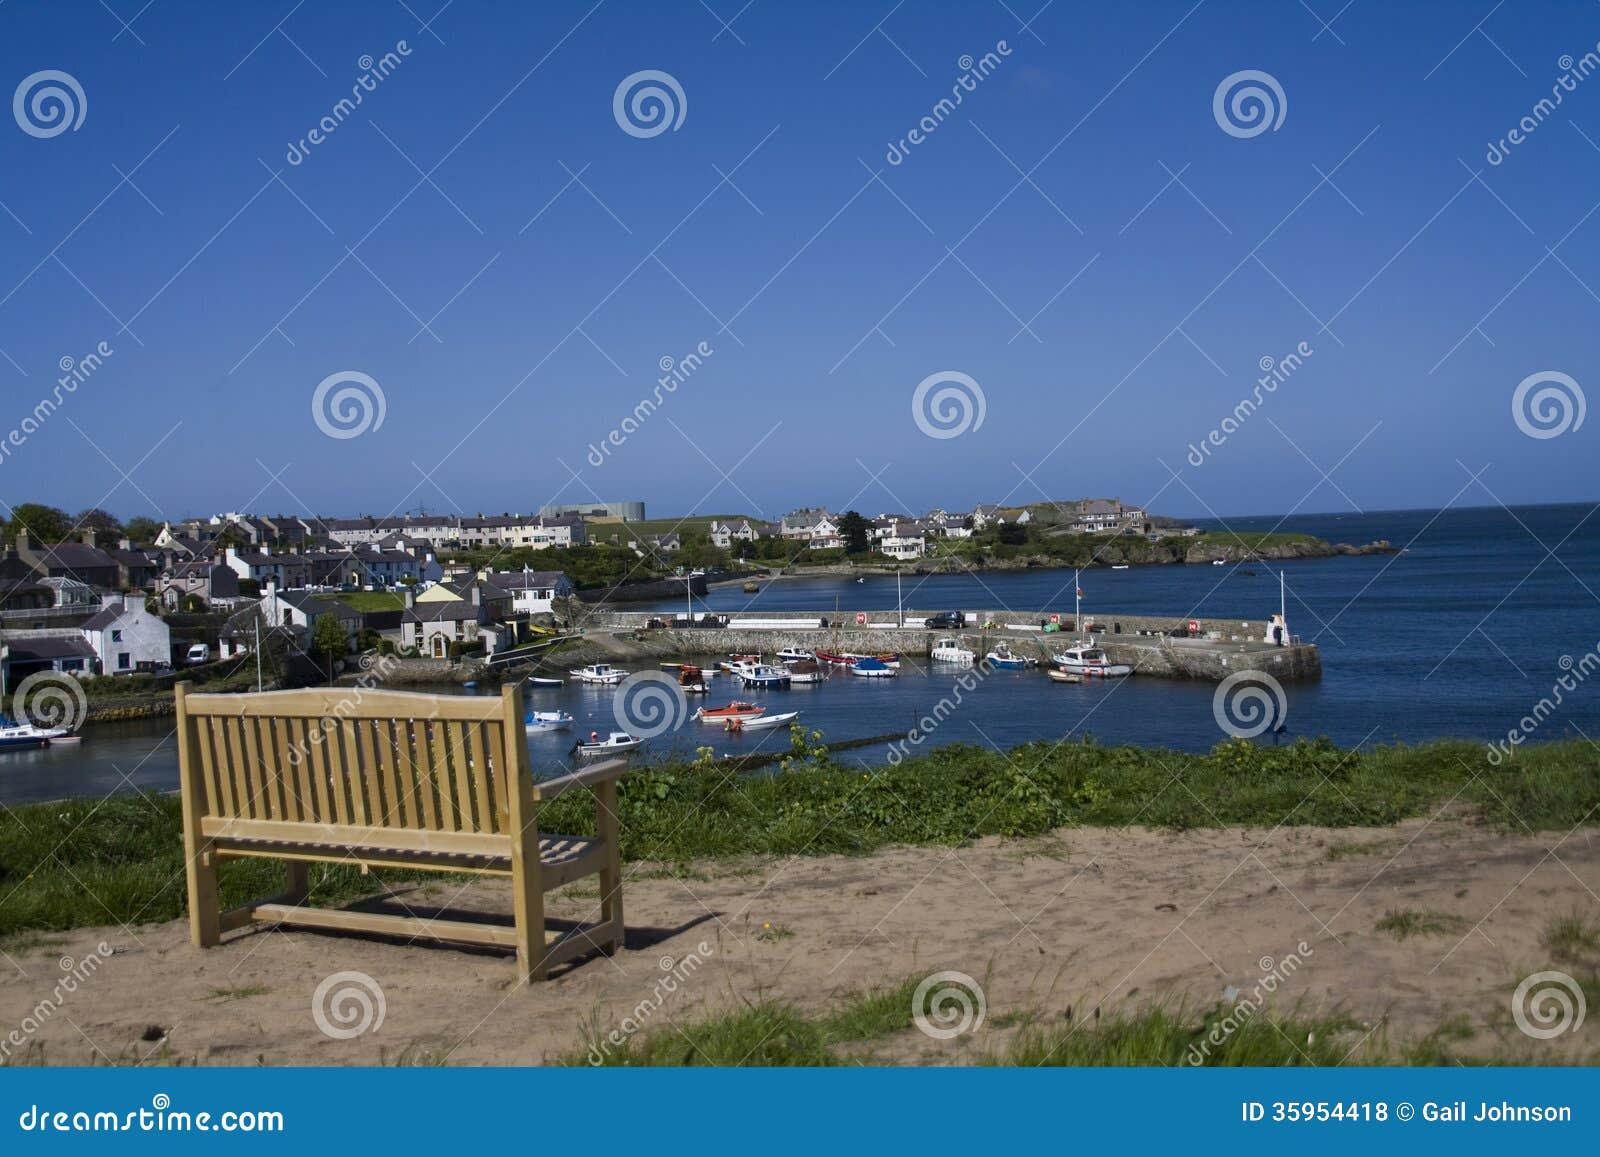 Bahía y pueblo de Ceamas con su puerto